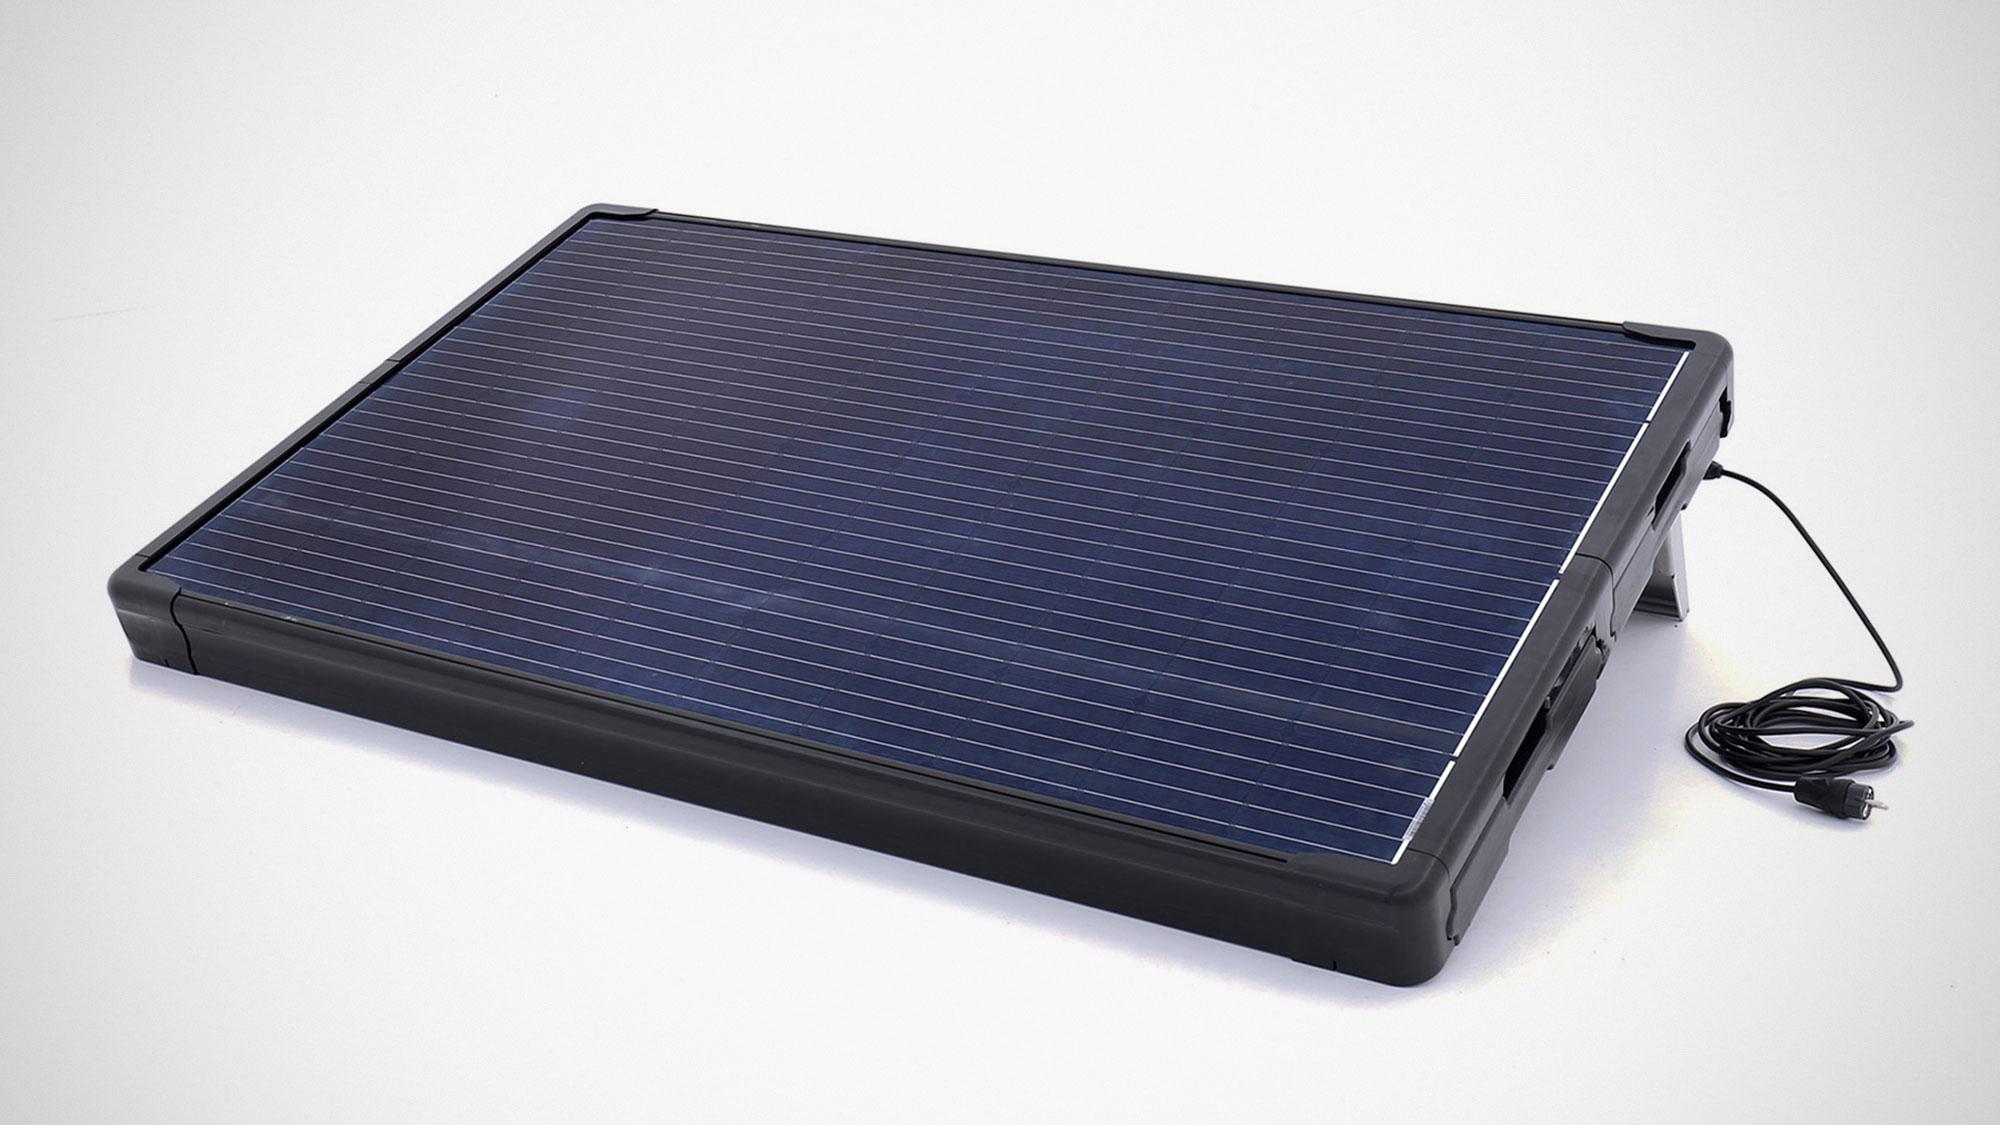 Supersola Plug & Play Solar System by Studio Mango